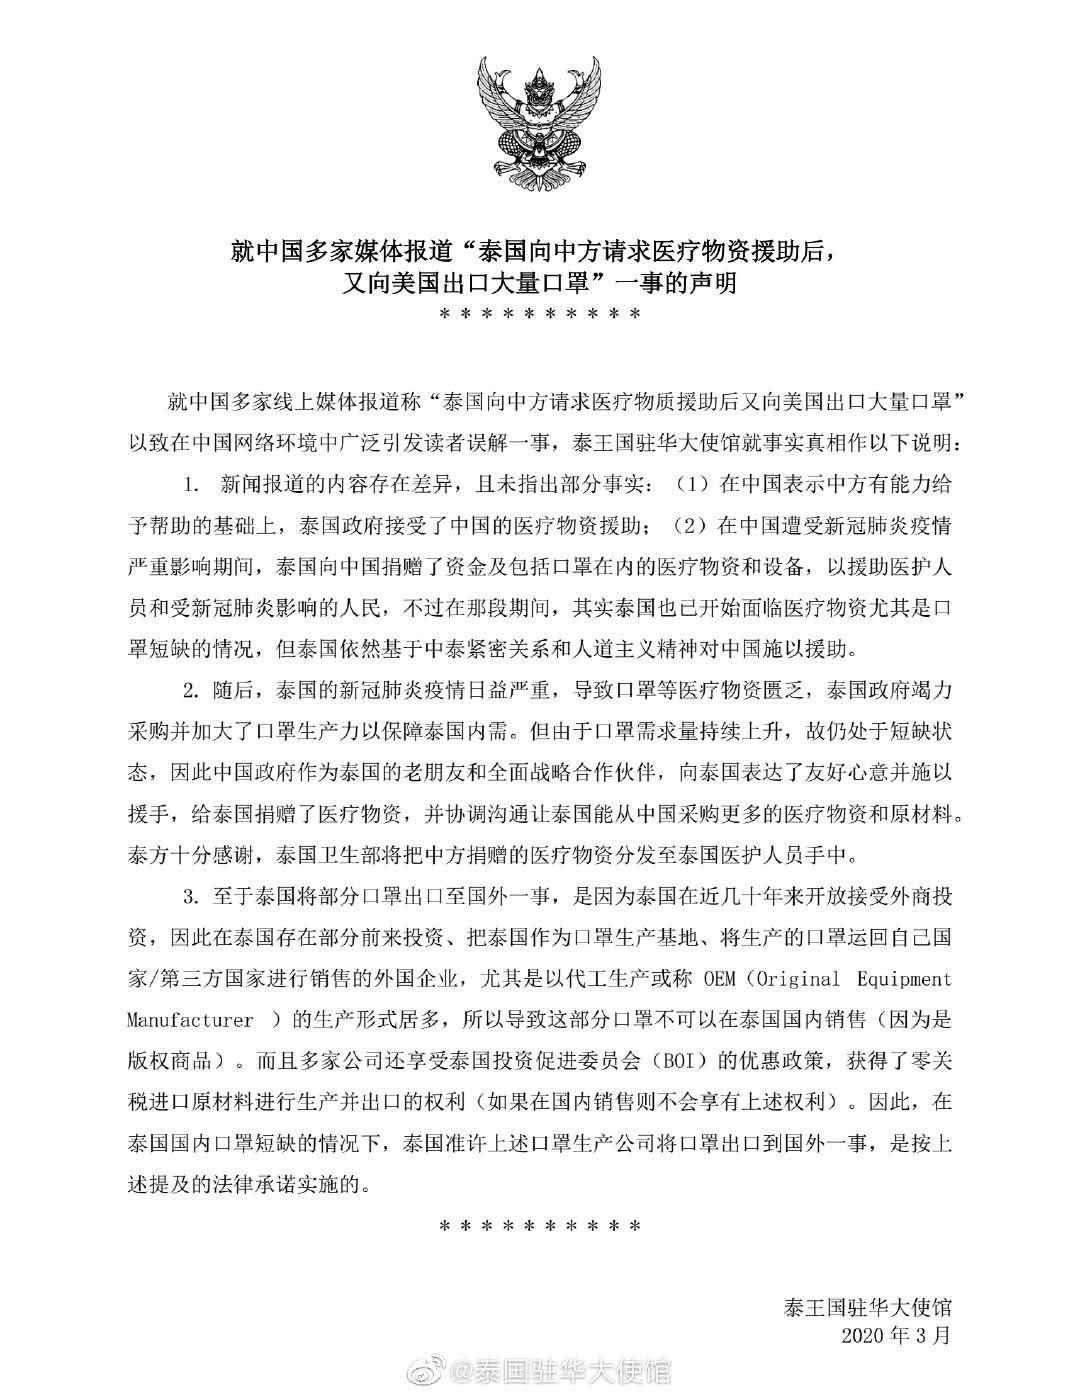 """就中国多家媒体报道""""泰国向中方请求医疗物资援助后,又向美国出口大量口罩""""一事的声明"""